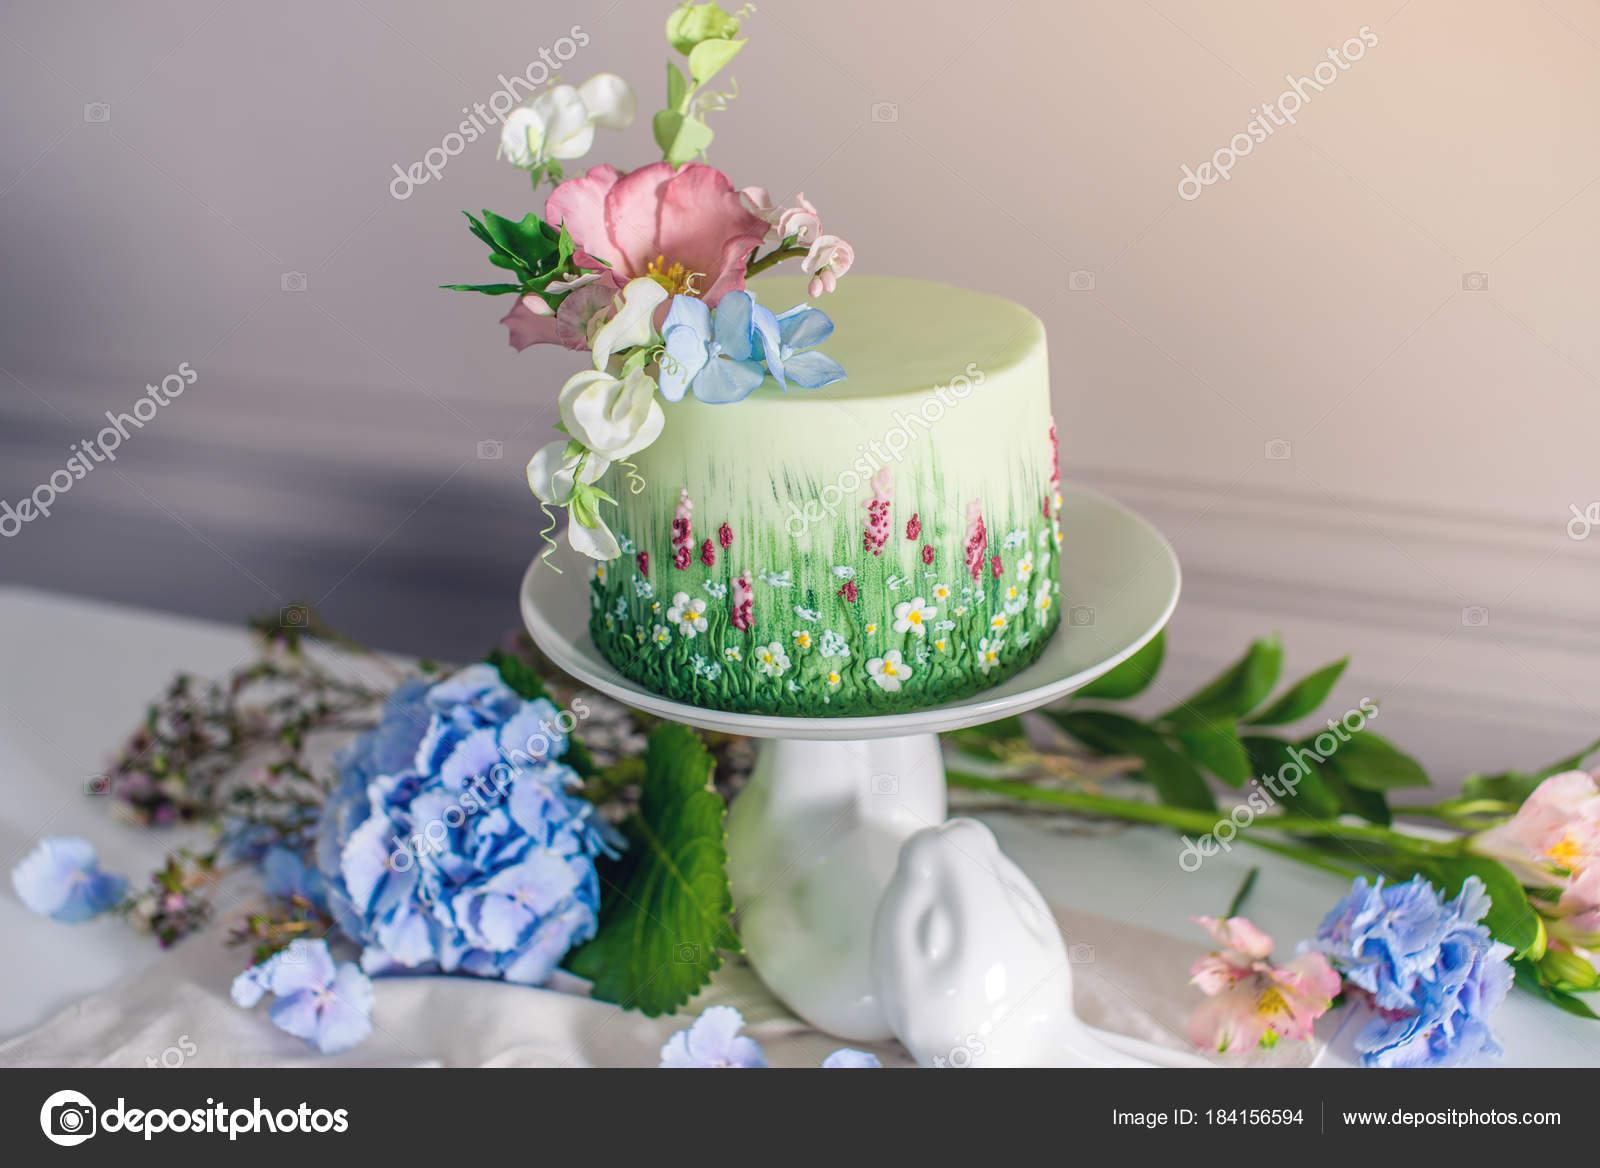 Primavera De Bolo De Casamento Decorado Com Flores Coloridas